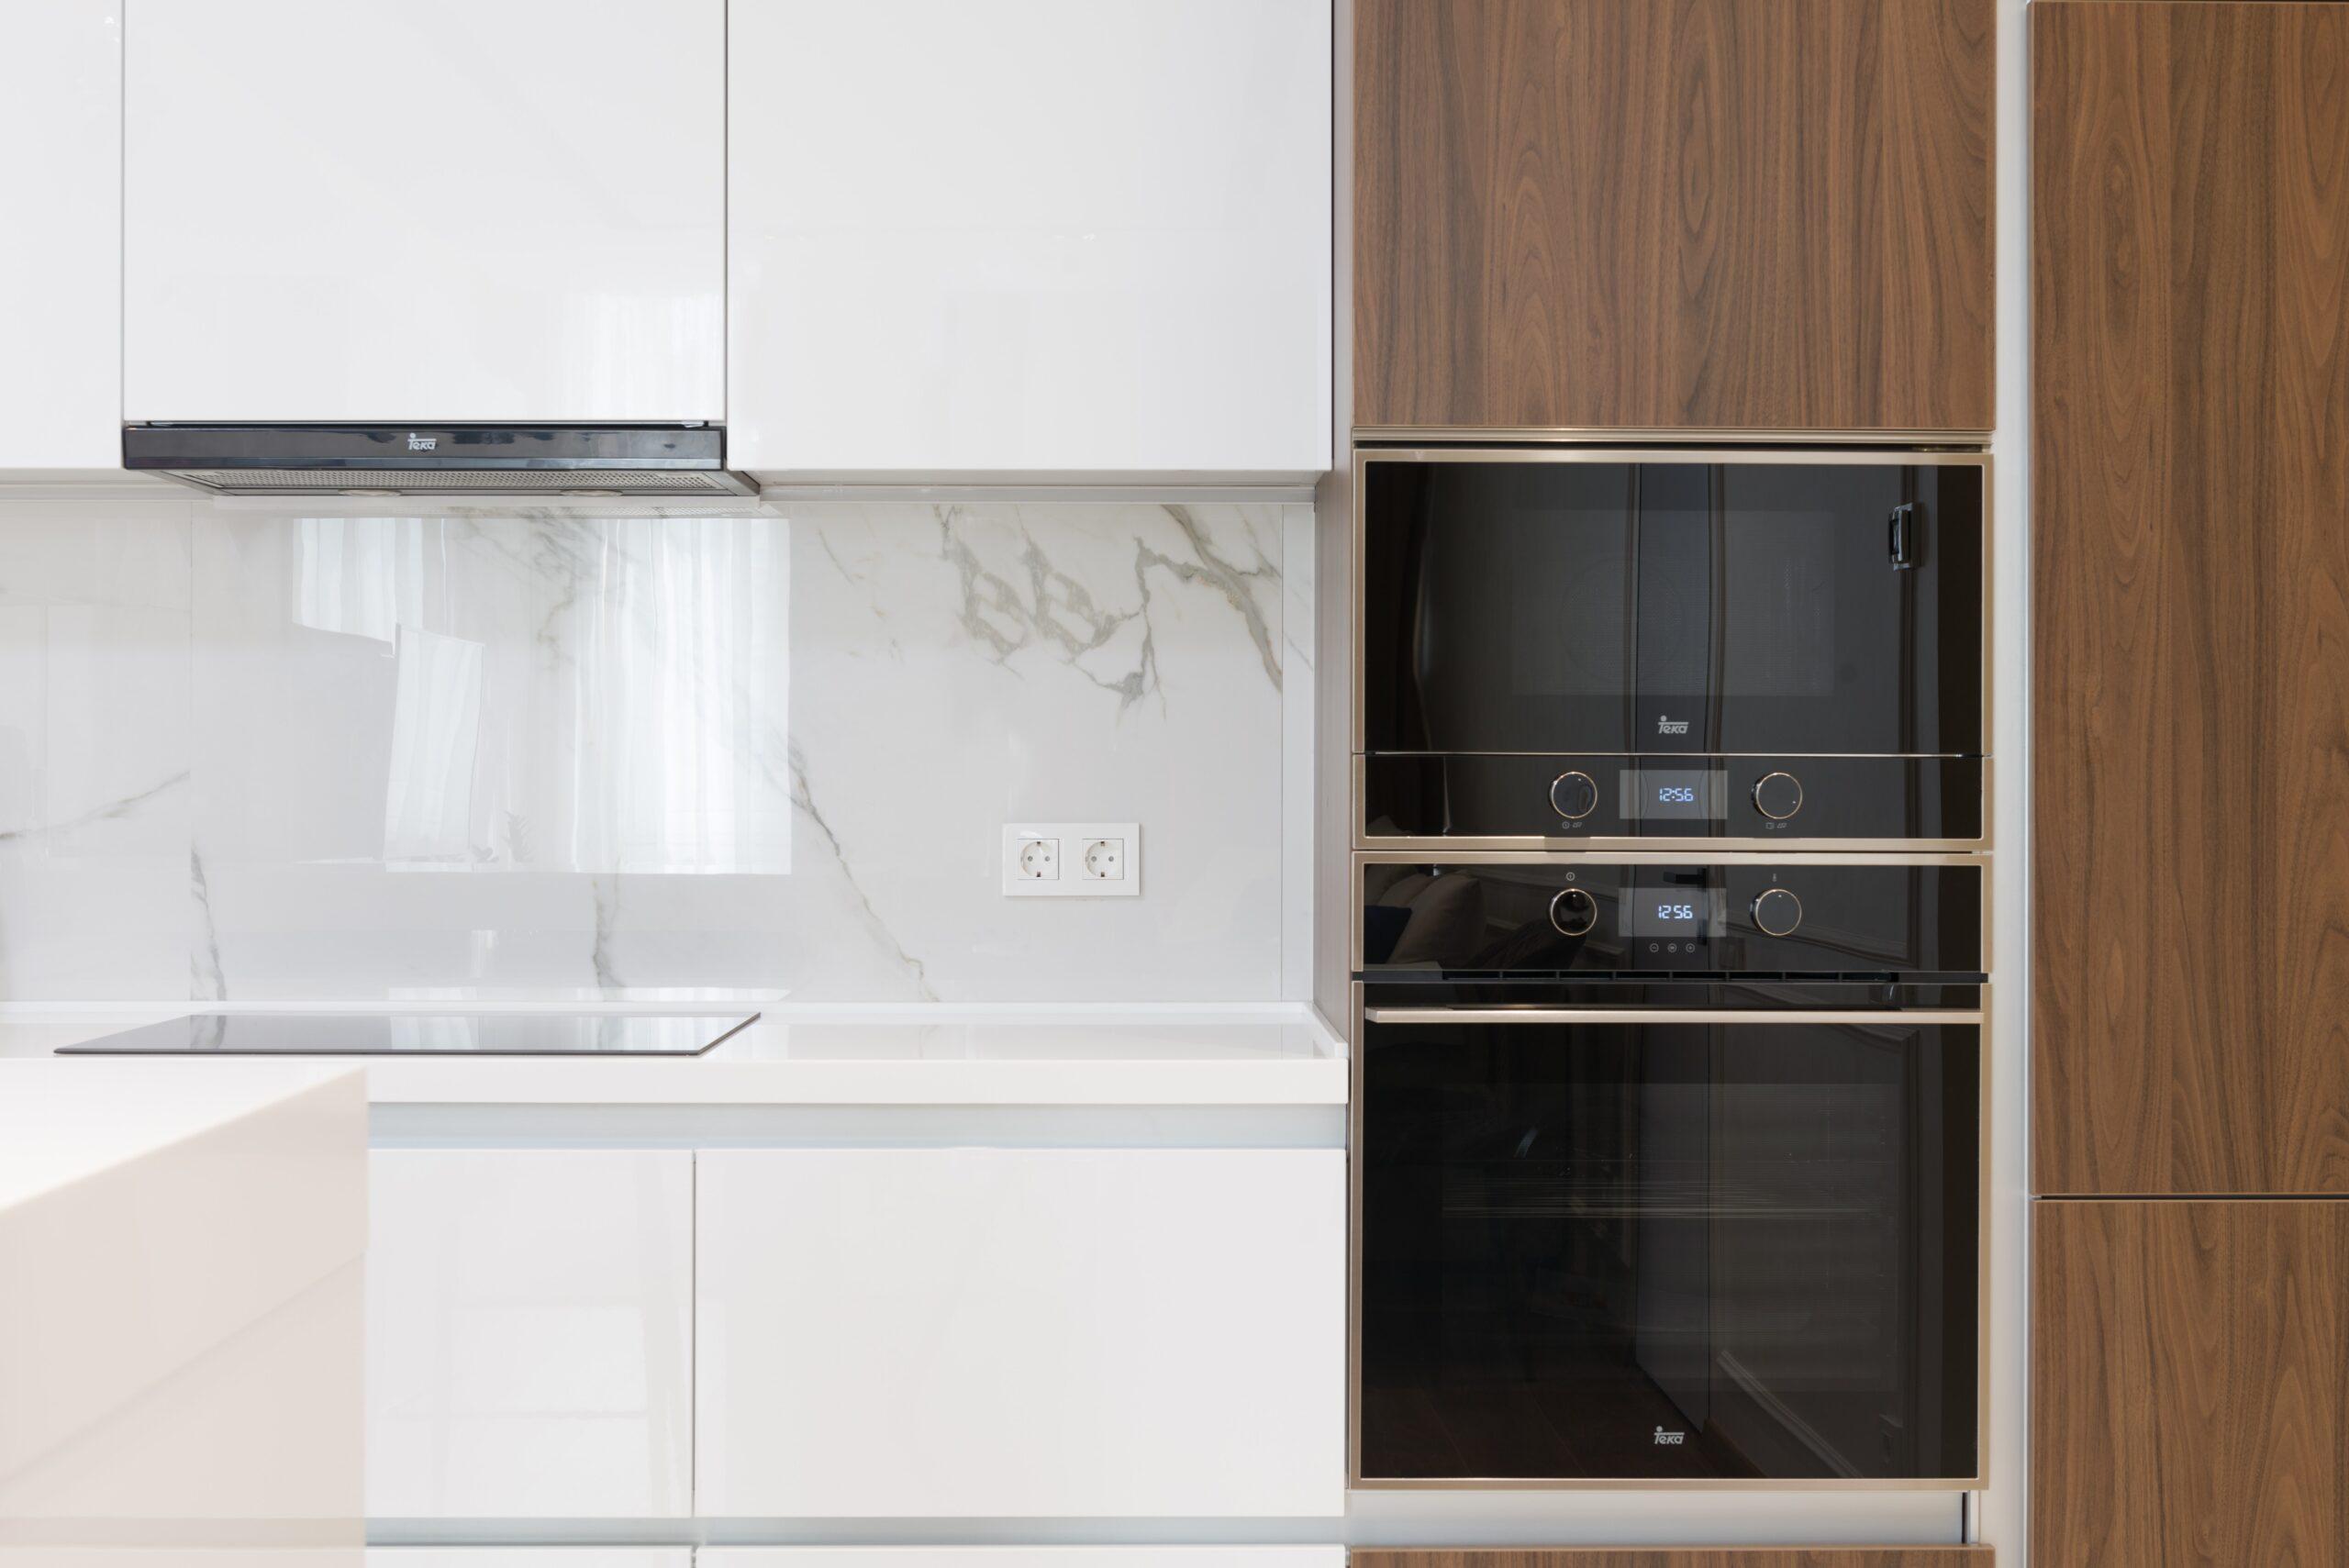 AGD, kuchnia, technologia w domu